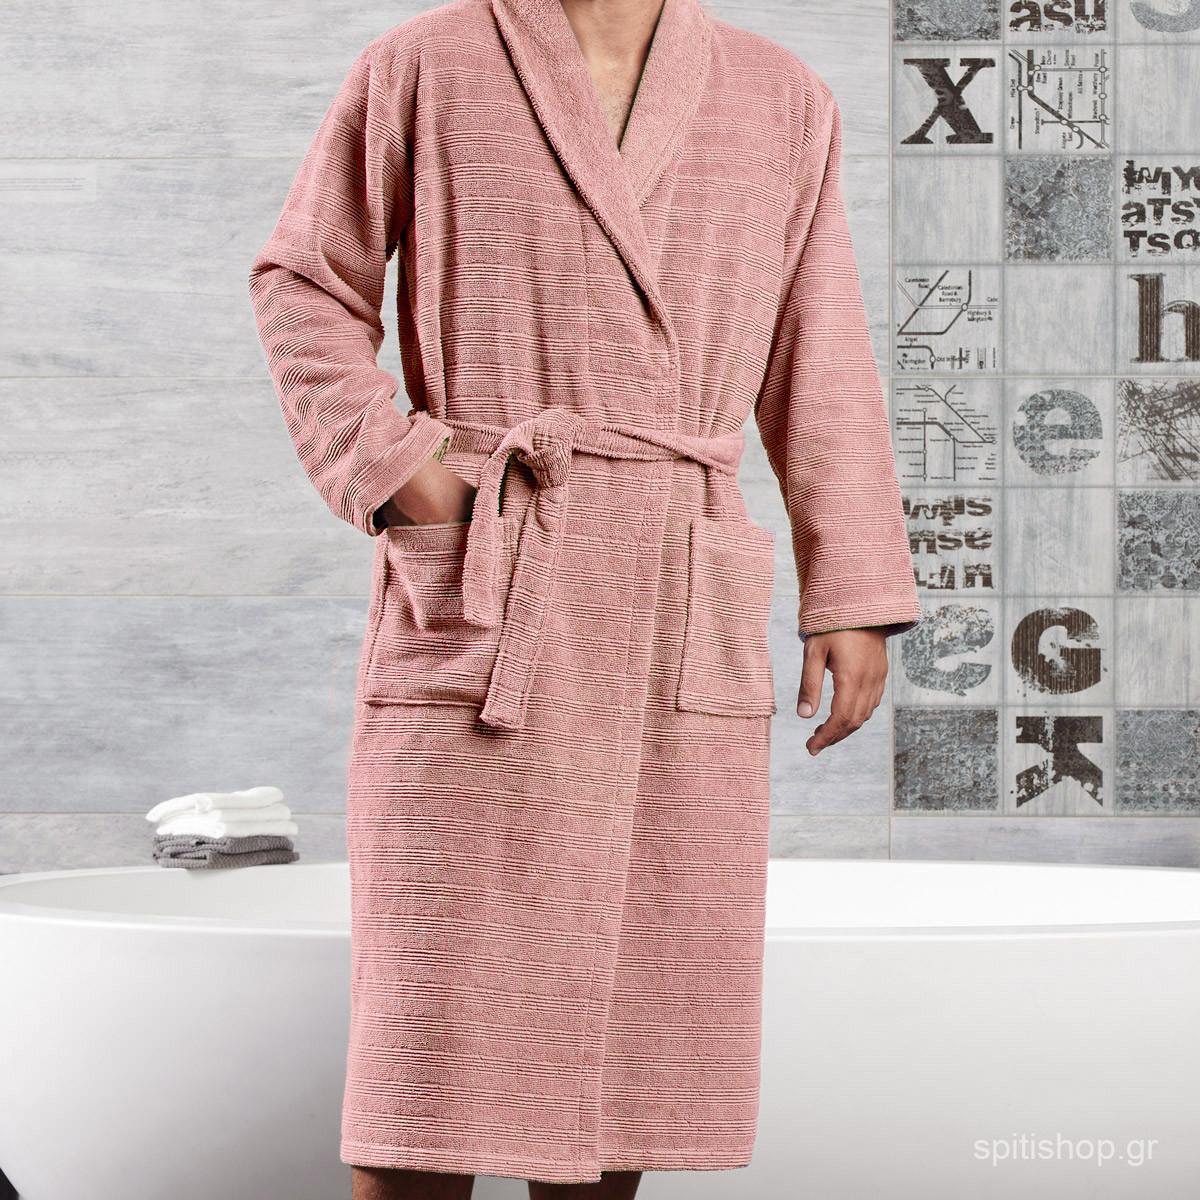 Μπουρνούζι Kentia Bath Aramis 14 X-LARGE X-LARGE